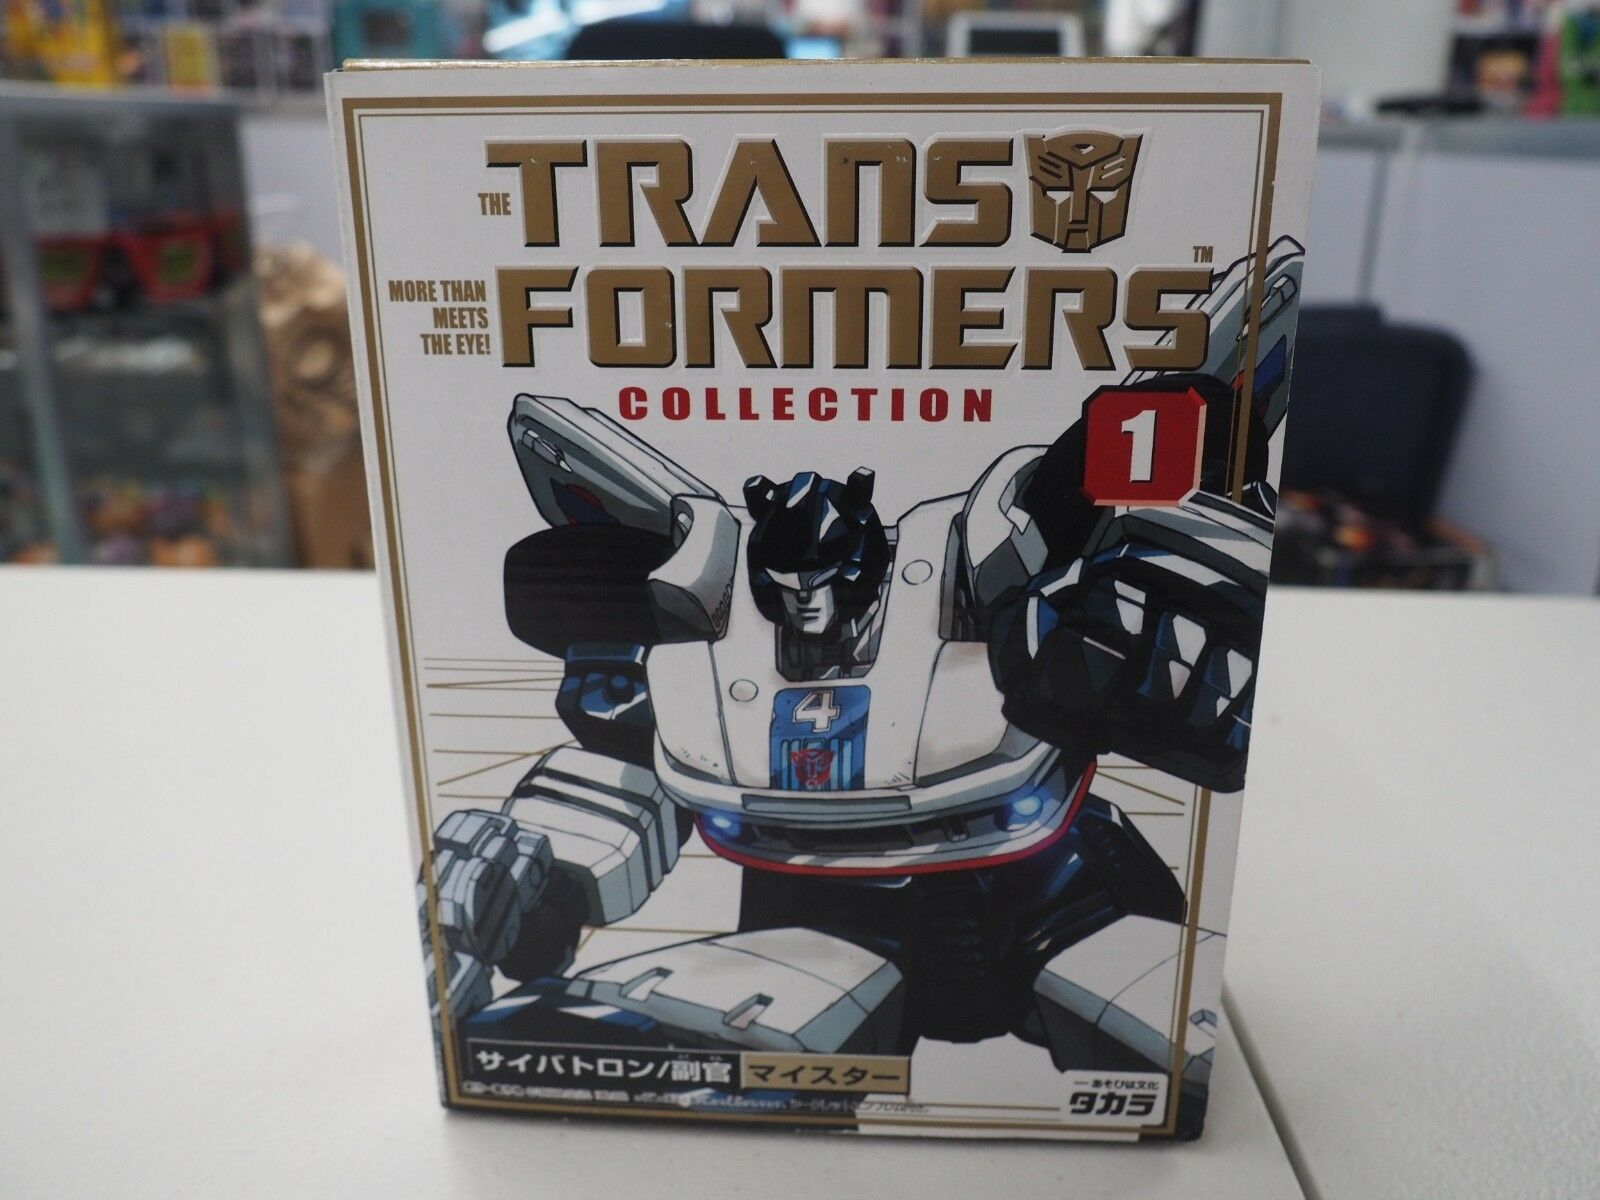 Takara Transformers G1 Reissue Reissue Reissue Collection 1 Jazz aa3783